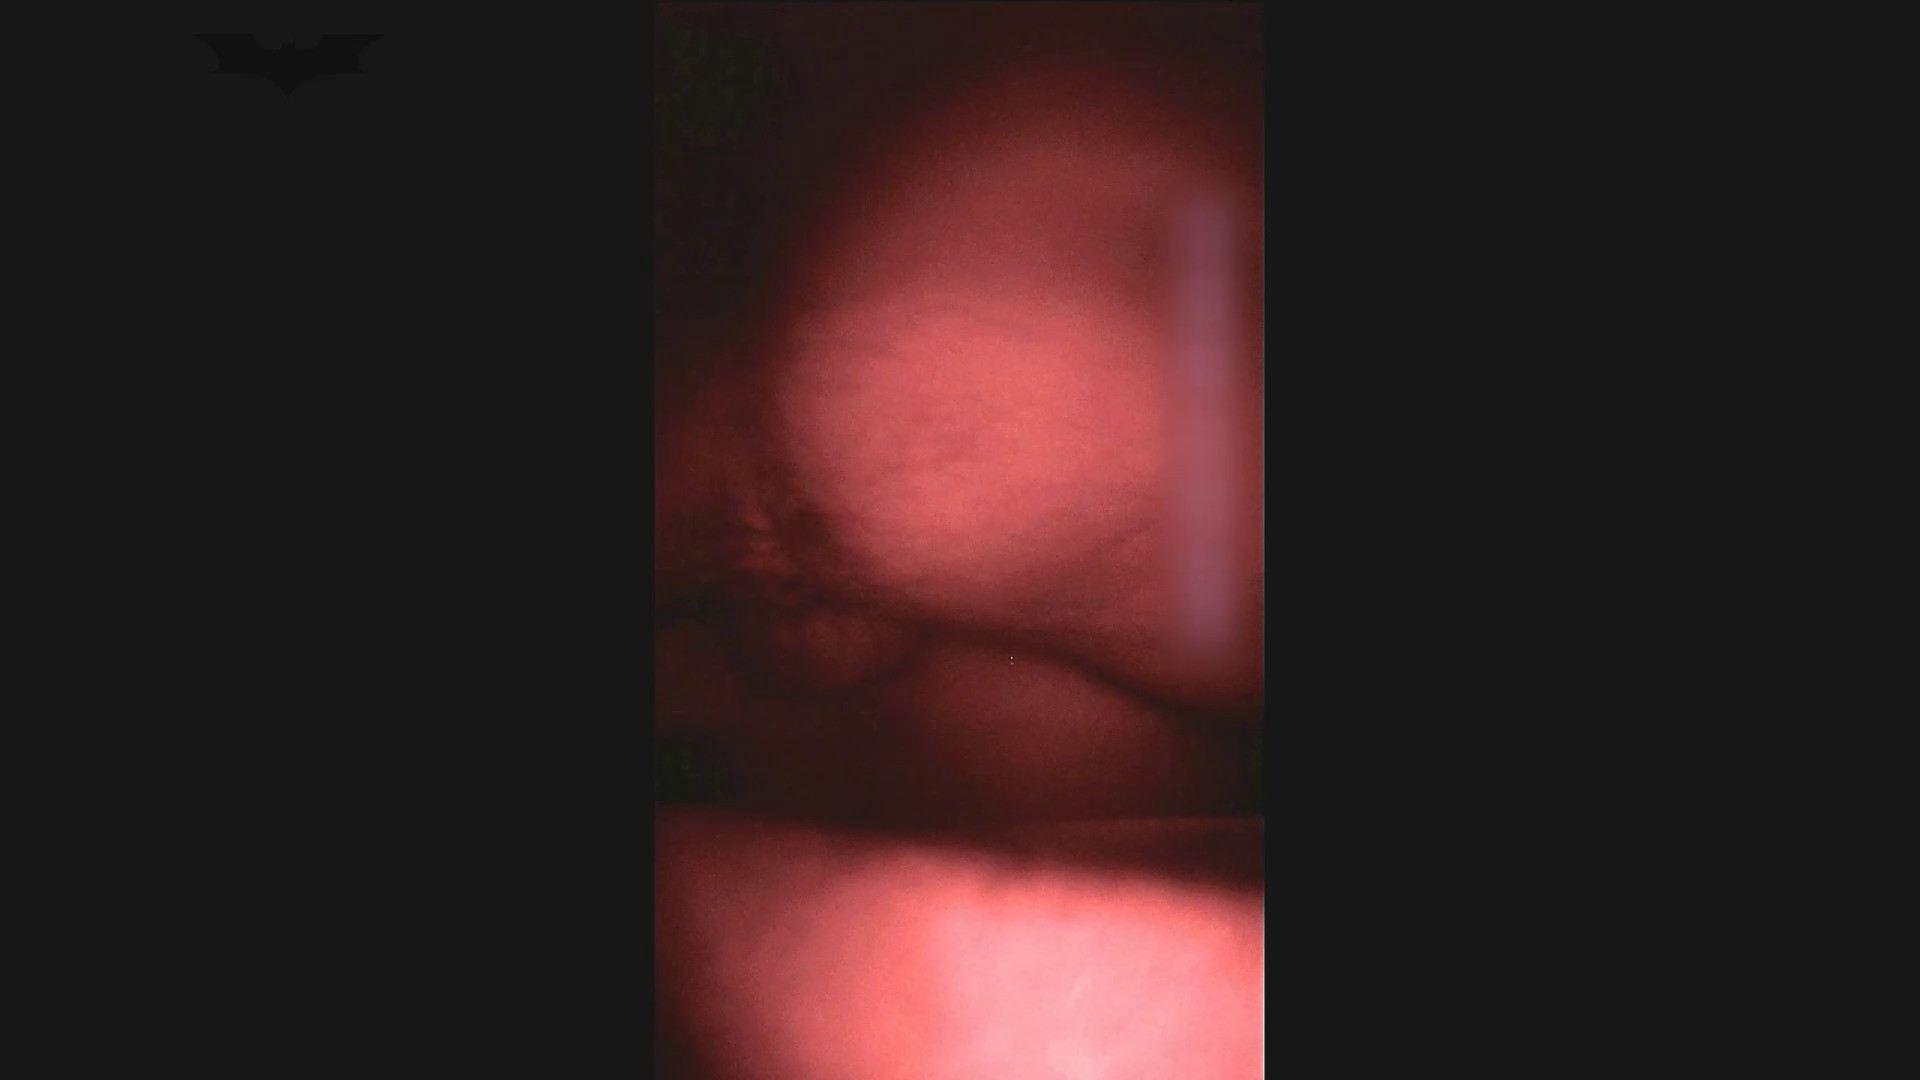 【40位 2016】(注)の せっくす(シリーズ 5人目) Vol.43 桃色乳首  105PIX 83